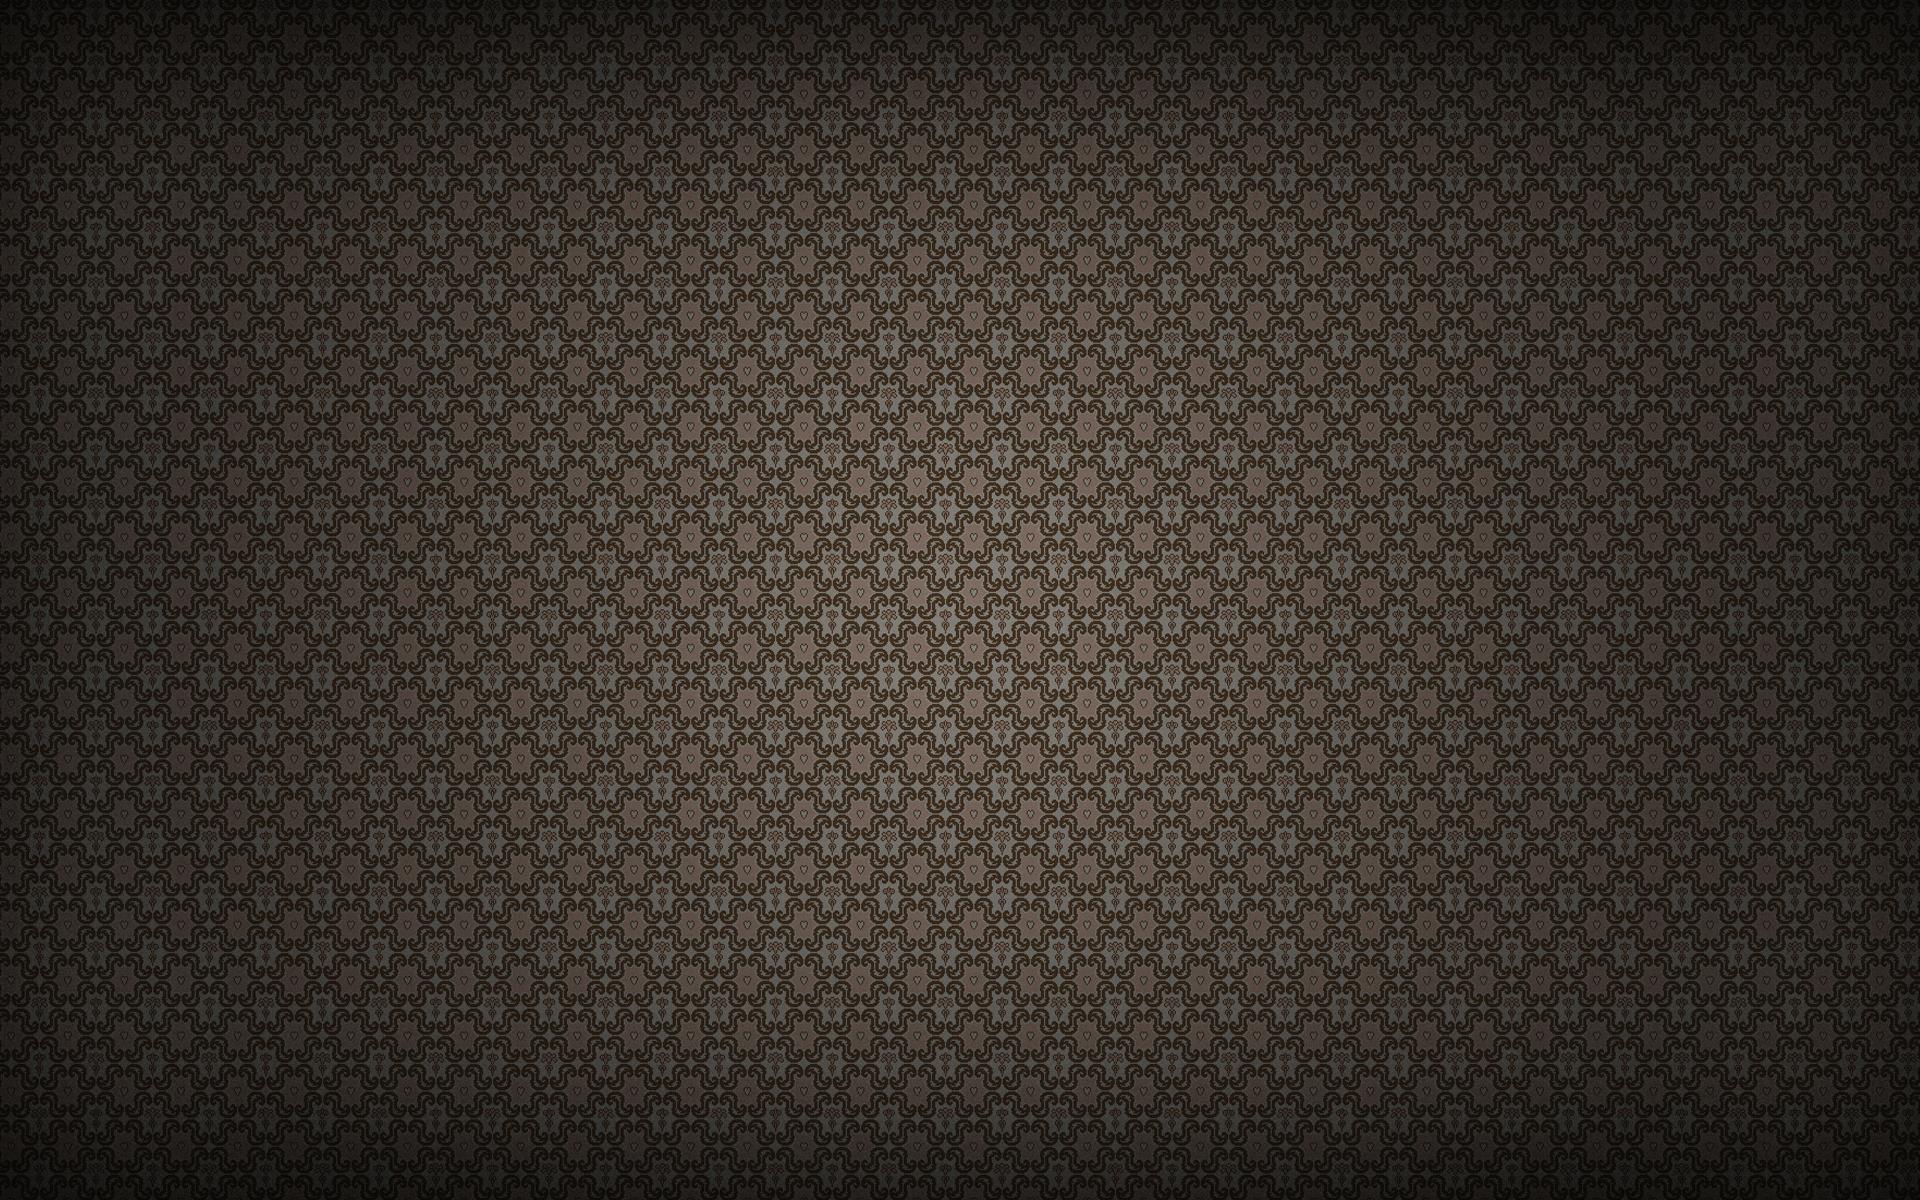 desktop wallpapers great grey - photo #9